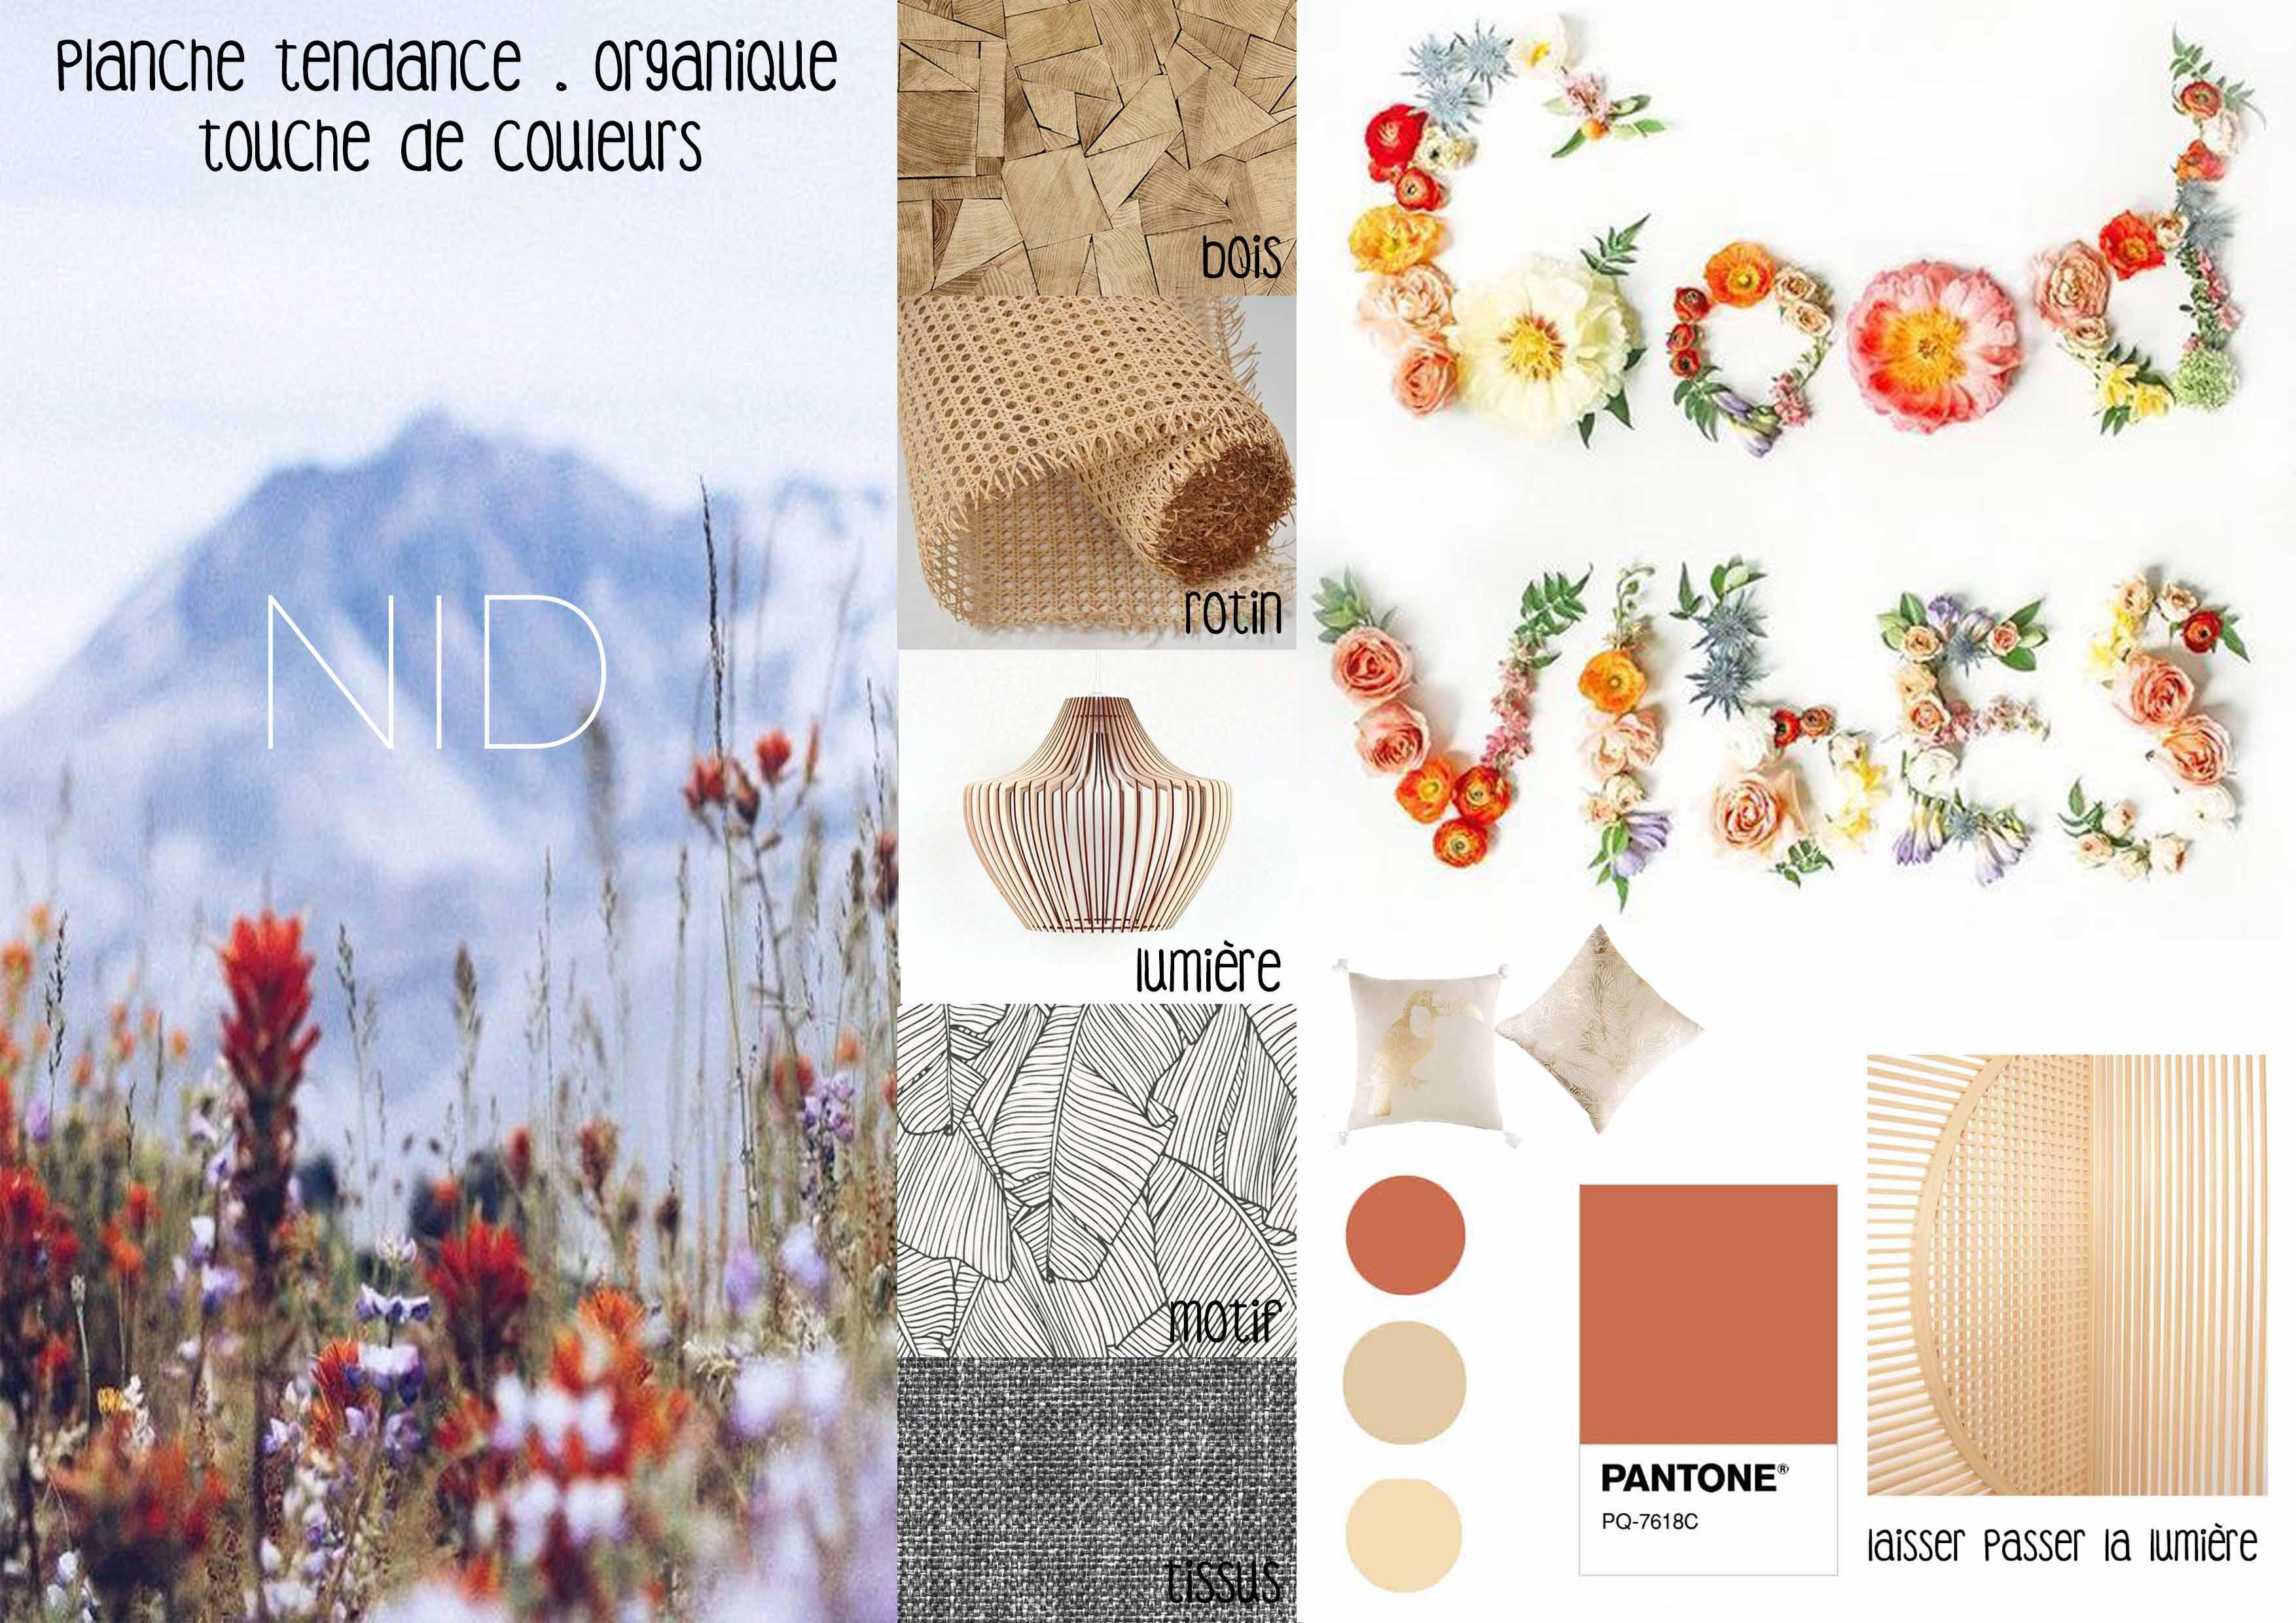 Planche tendance nature & motif